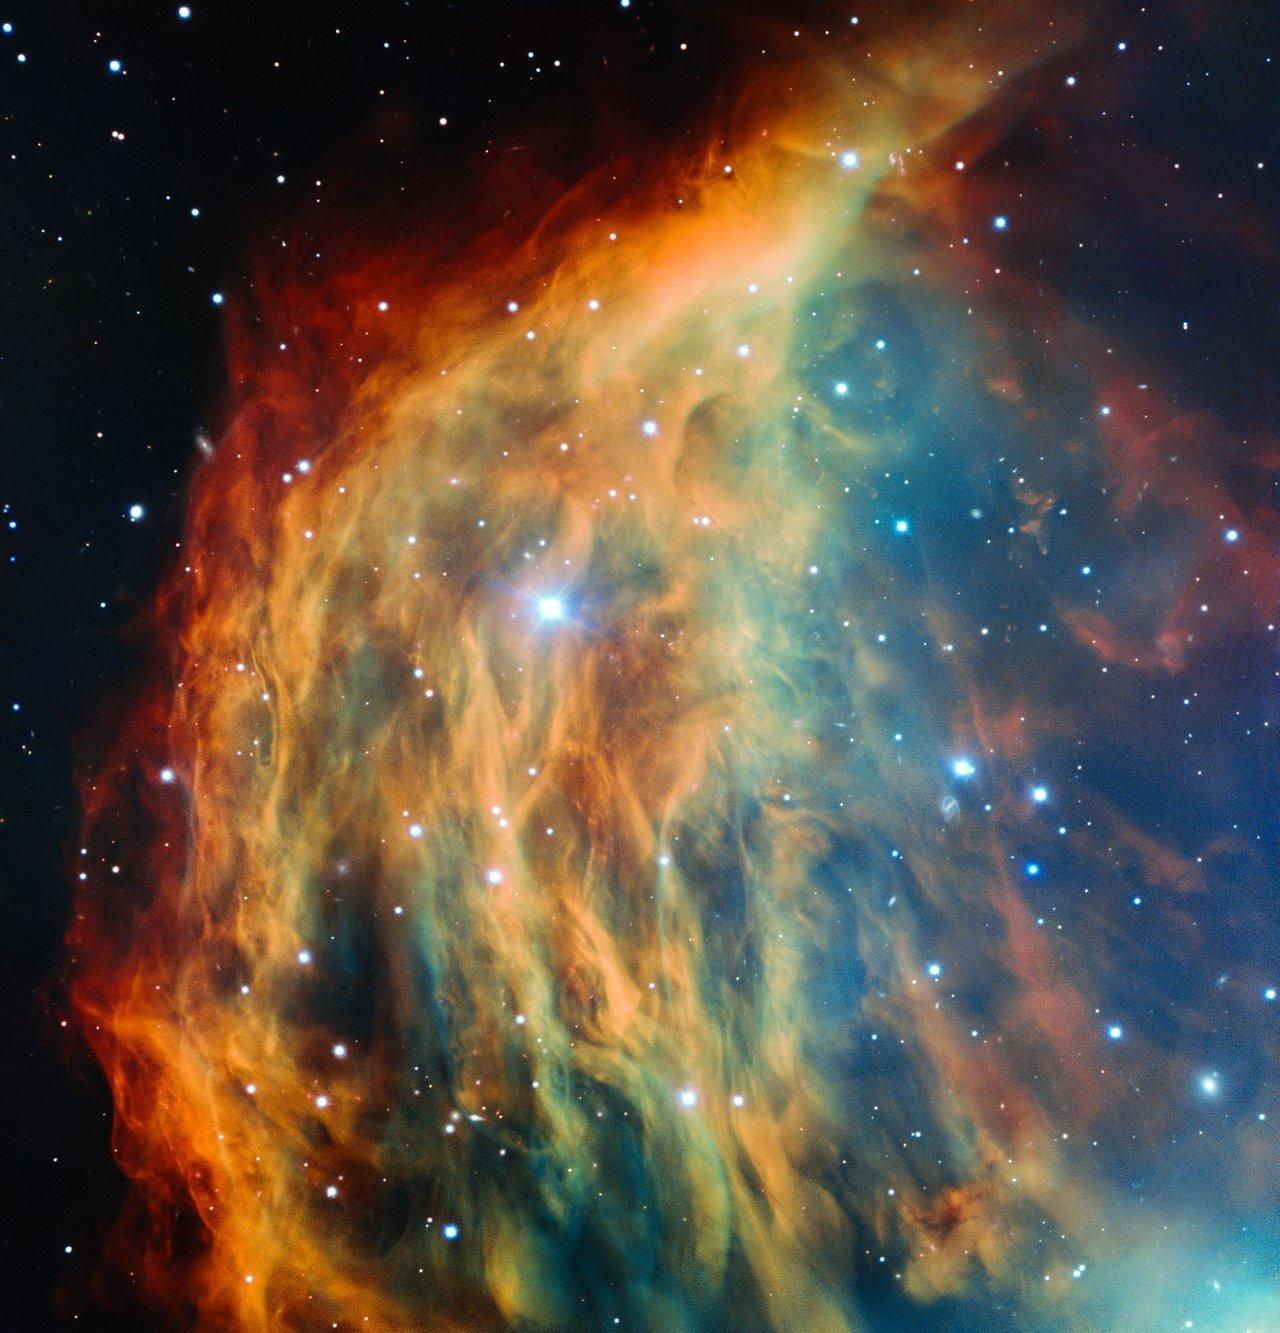 O Very Large Telescope do ESO obtém imagem da Nebulosa da Medusa